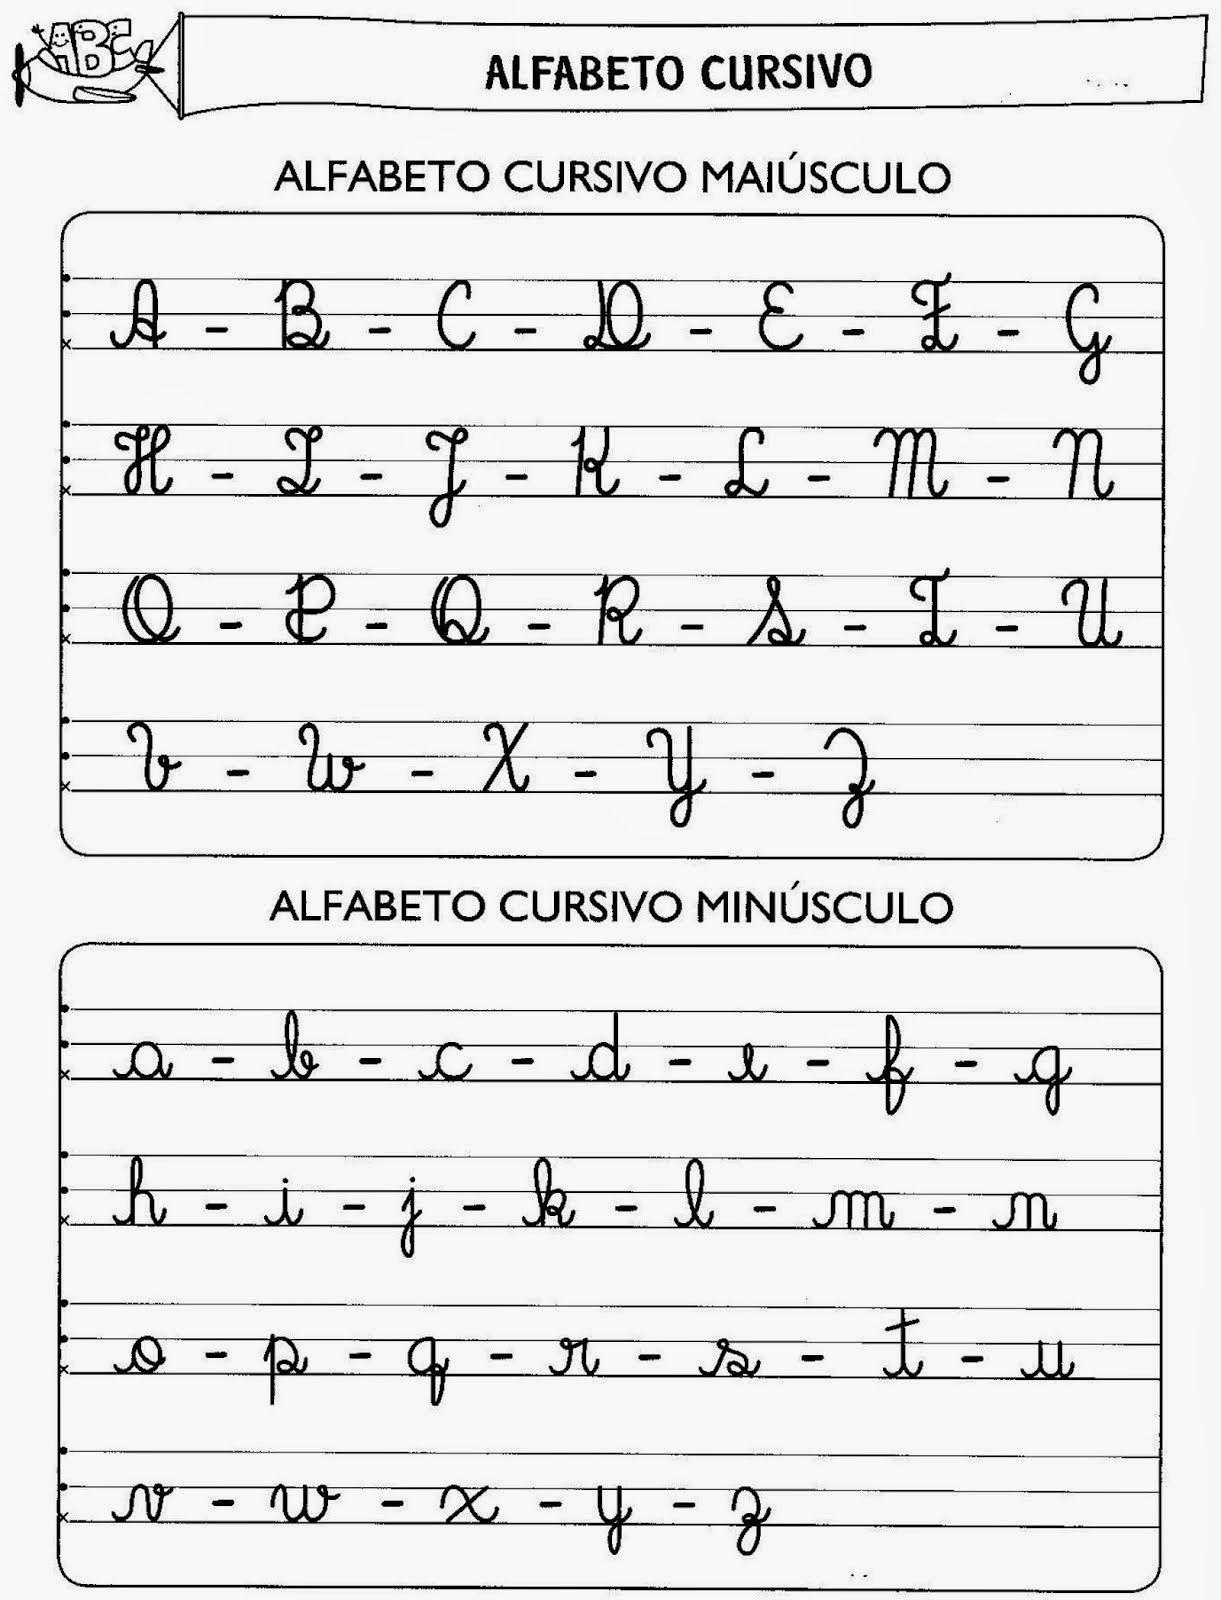 Alfabeto Cursivo Maiusculo E Minusculo Para Imprimir